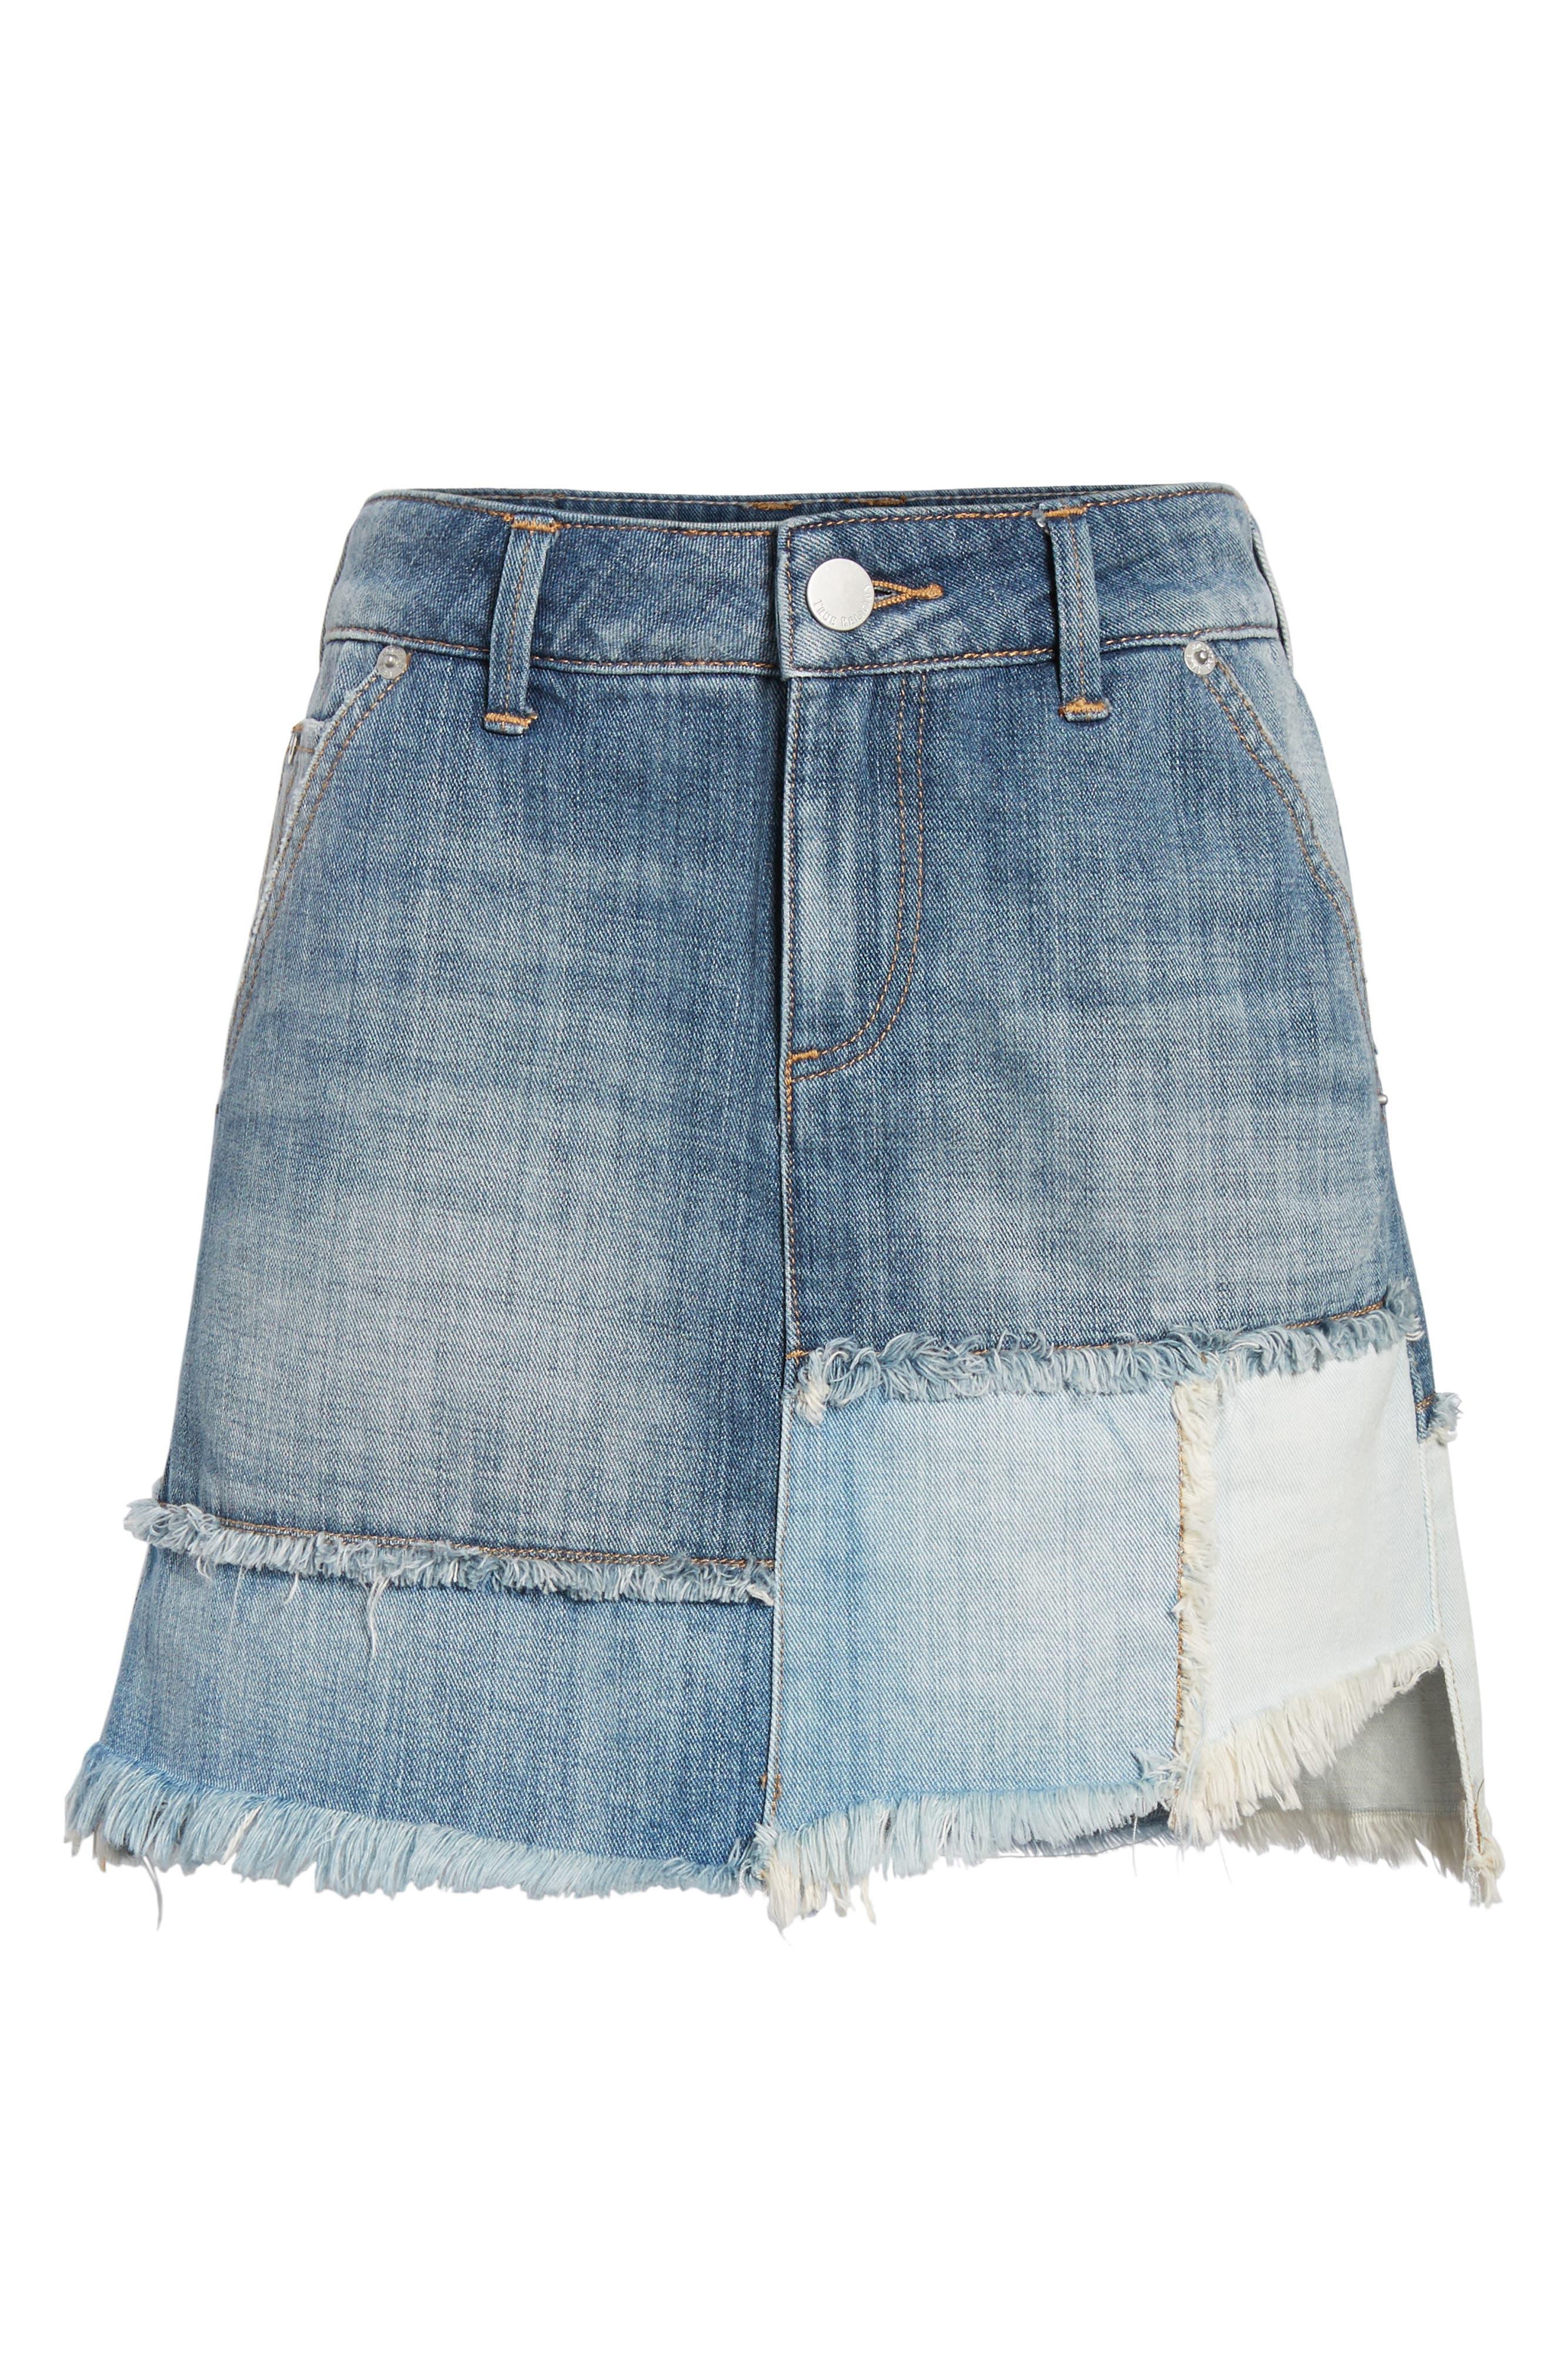 Patchwork Denim Miniskirt,                             Alternate thumbnail 6, color,                             401